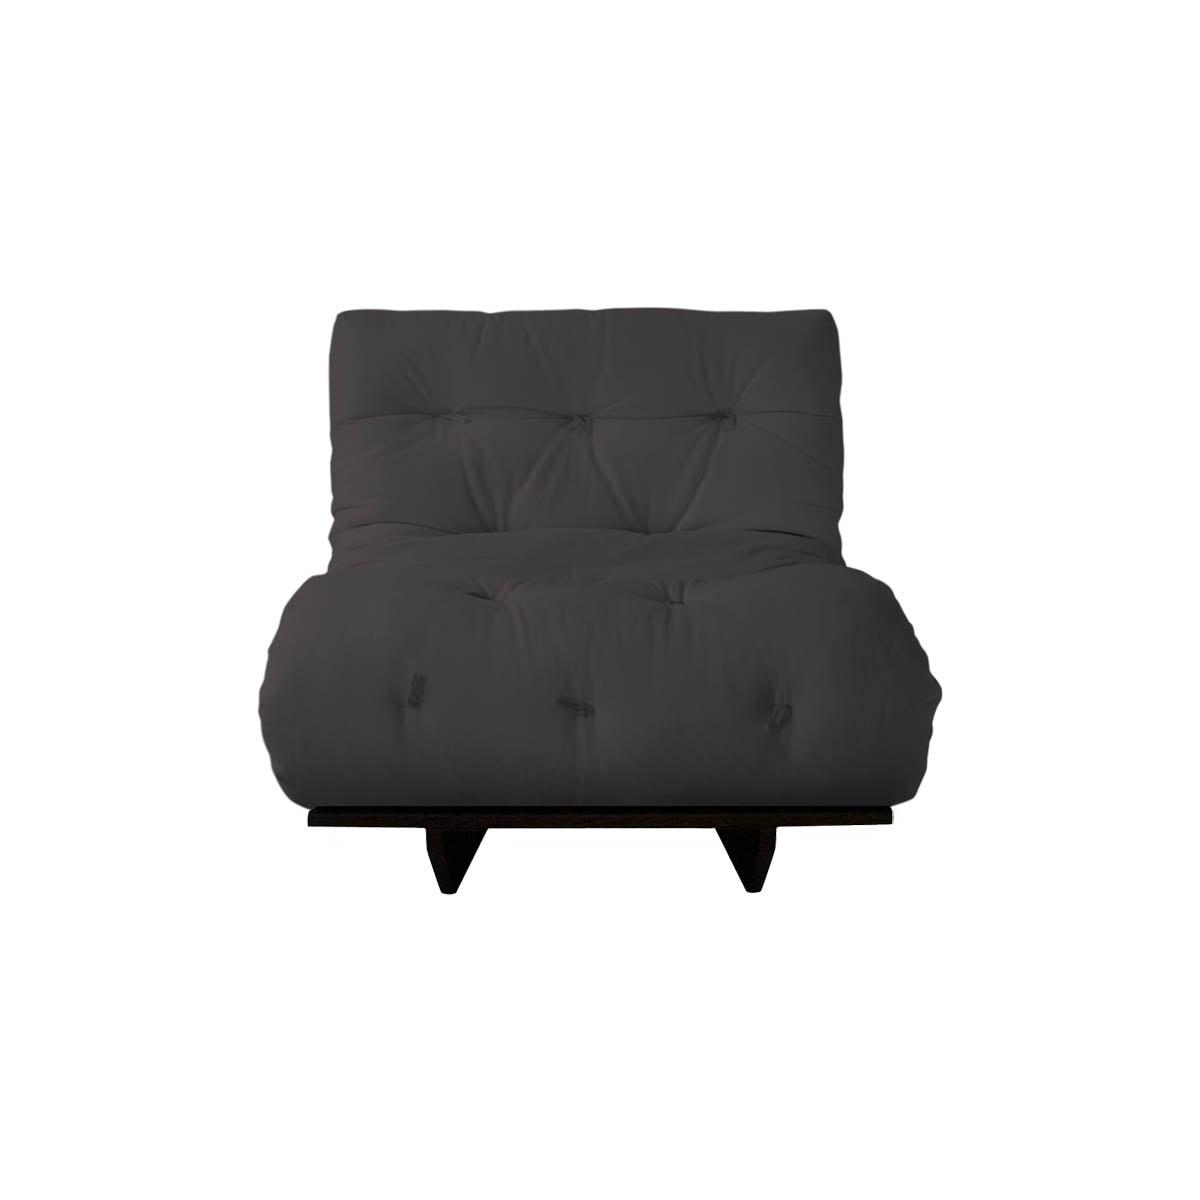 Pin futon sofa cama moderno dormimundo 319900 en for Sofa cama 1 plaza mercadolibre